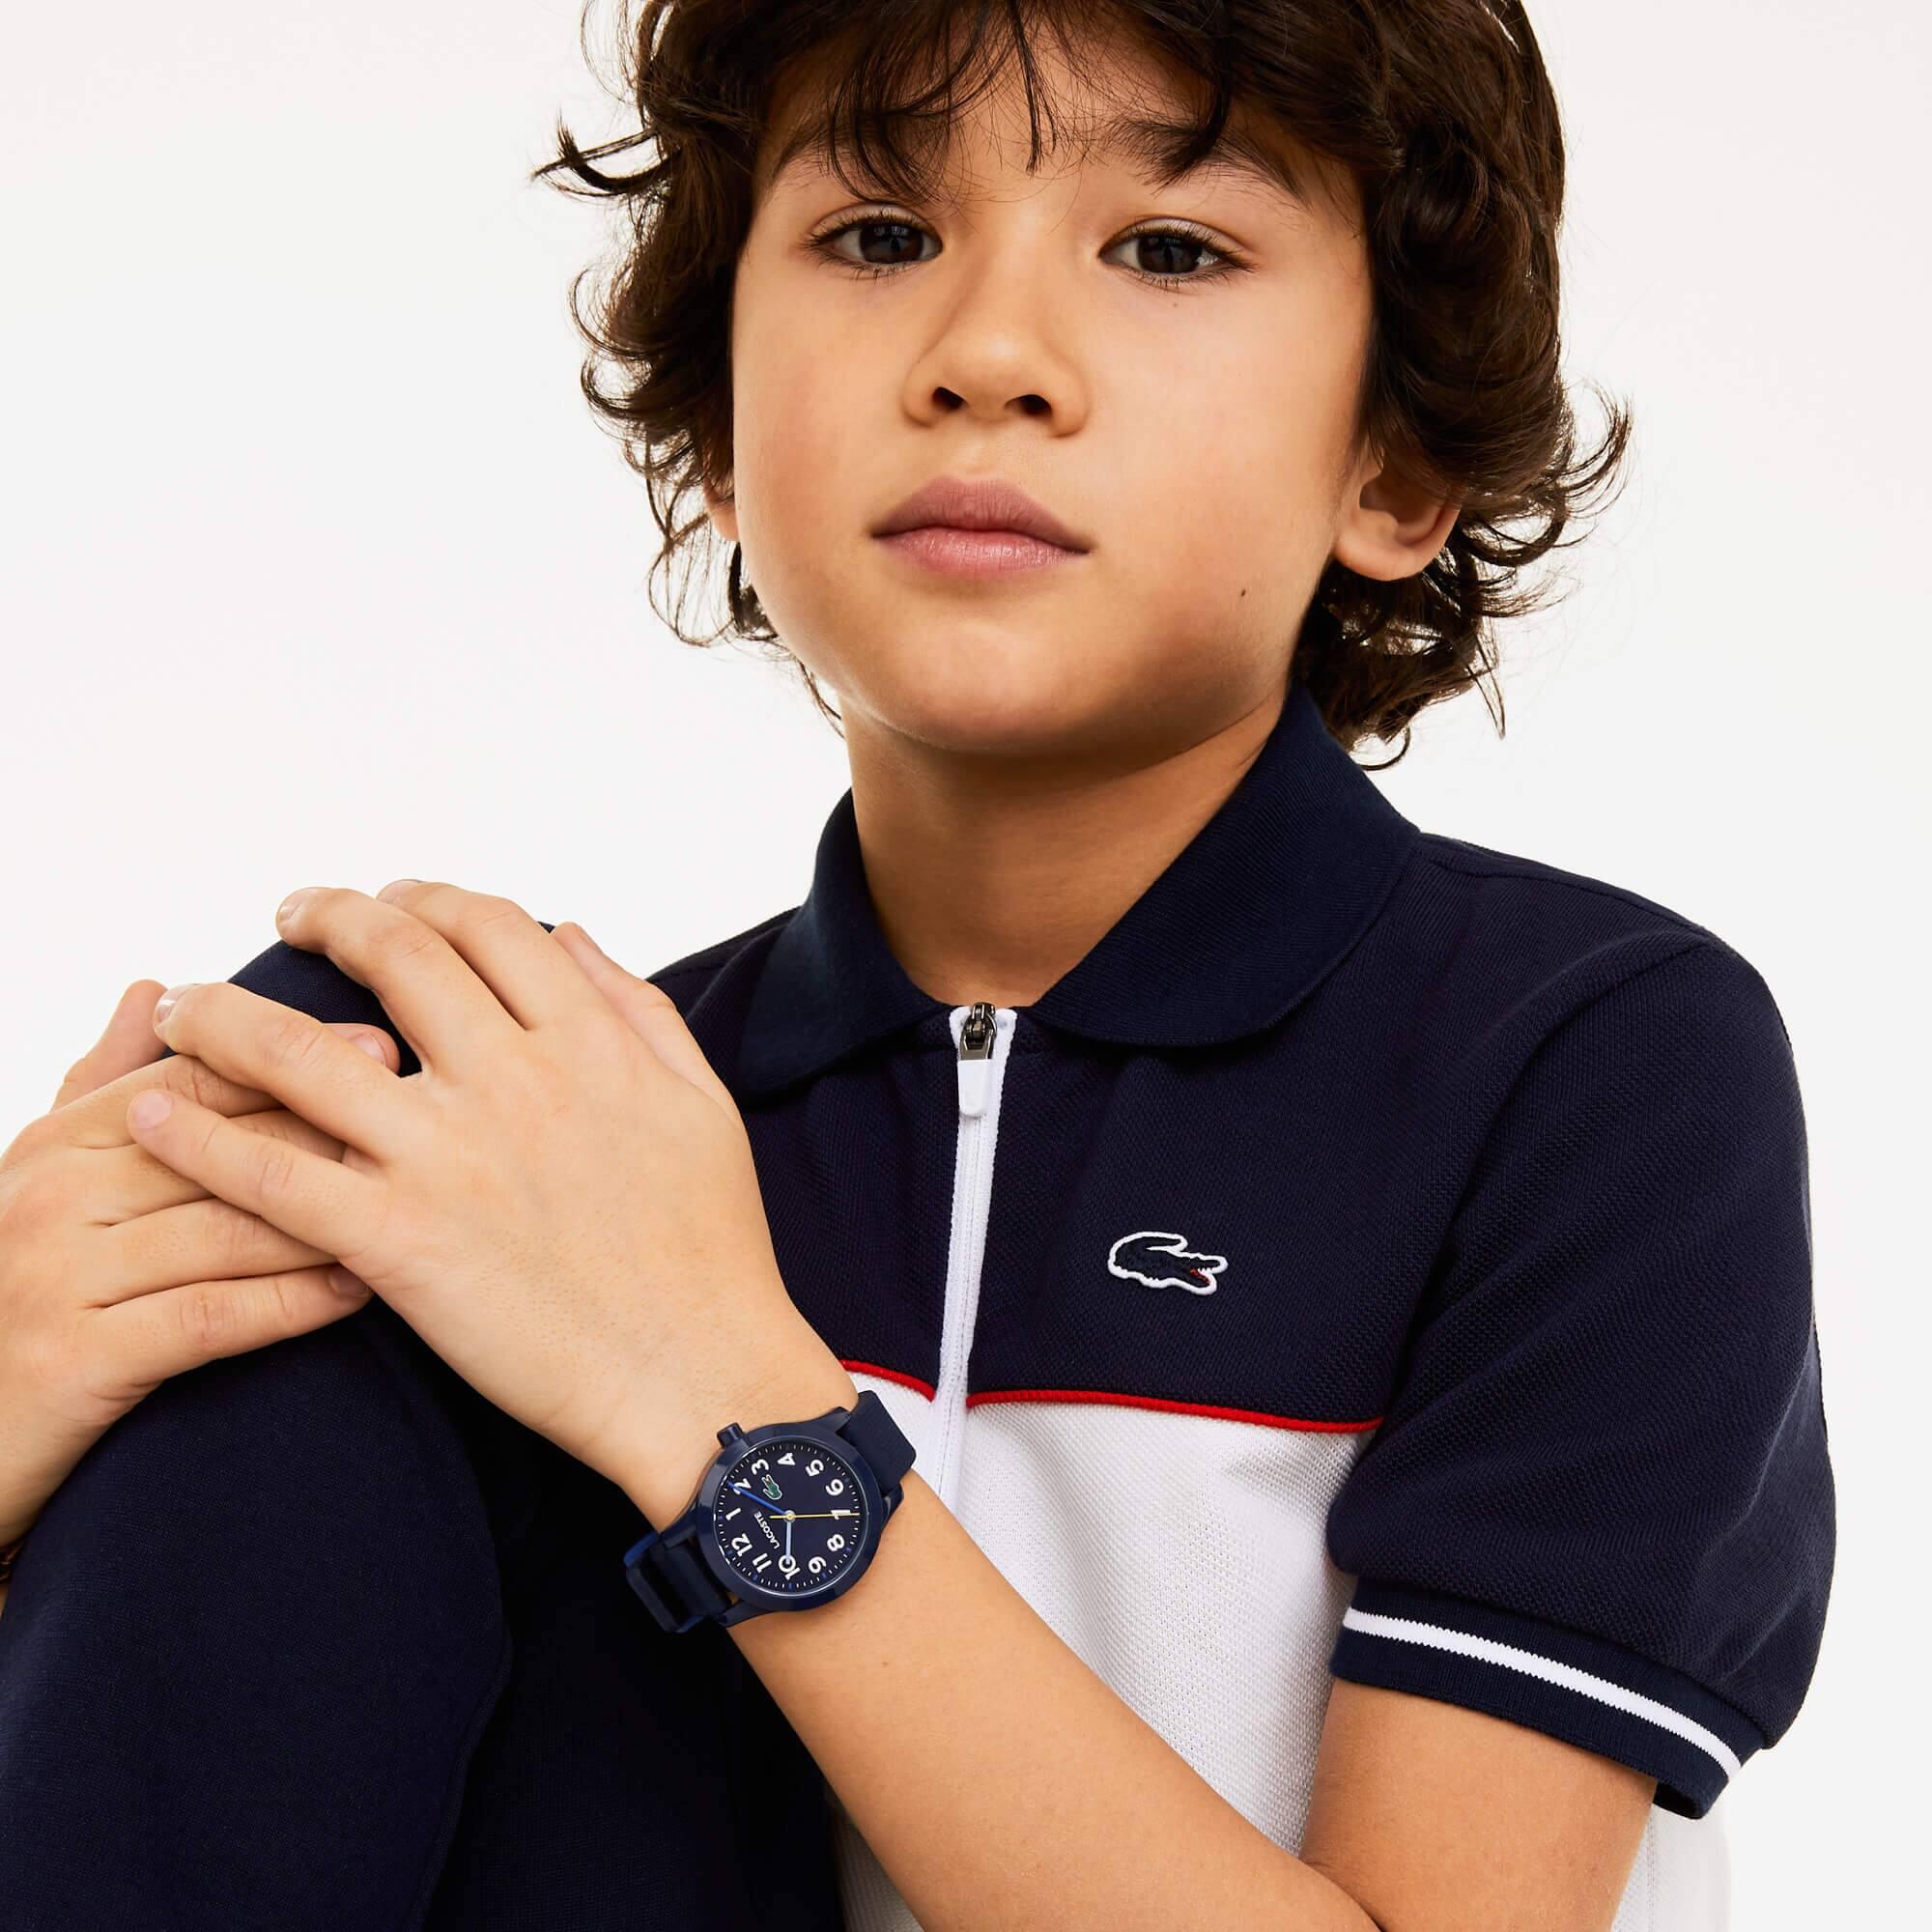 Relógio Lacoste 12.12 de criança com bracelete de silicone azul